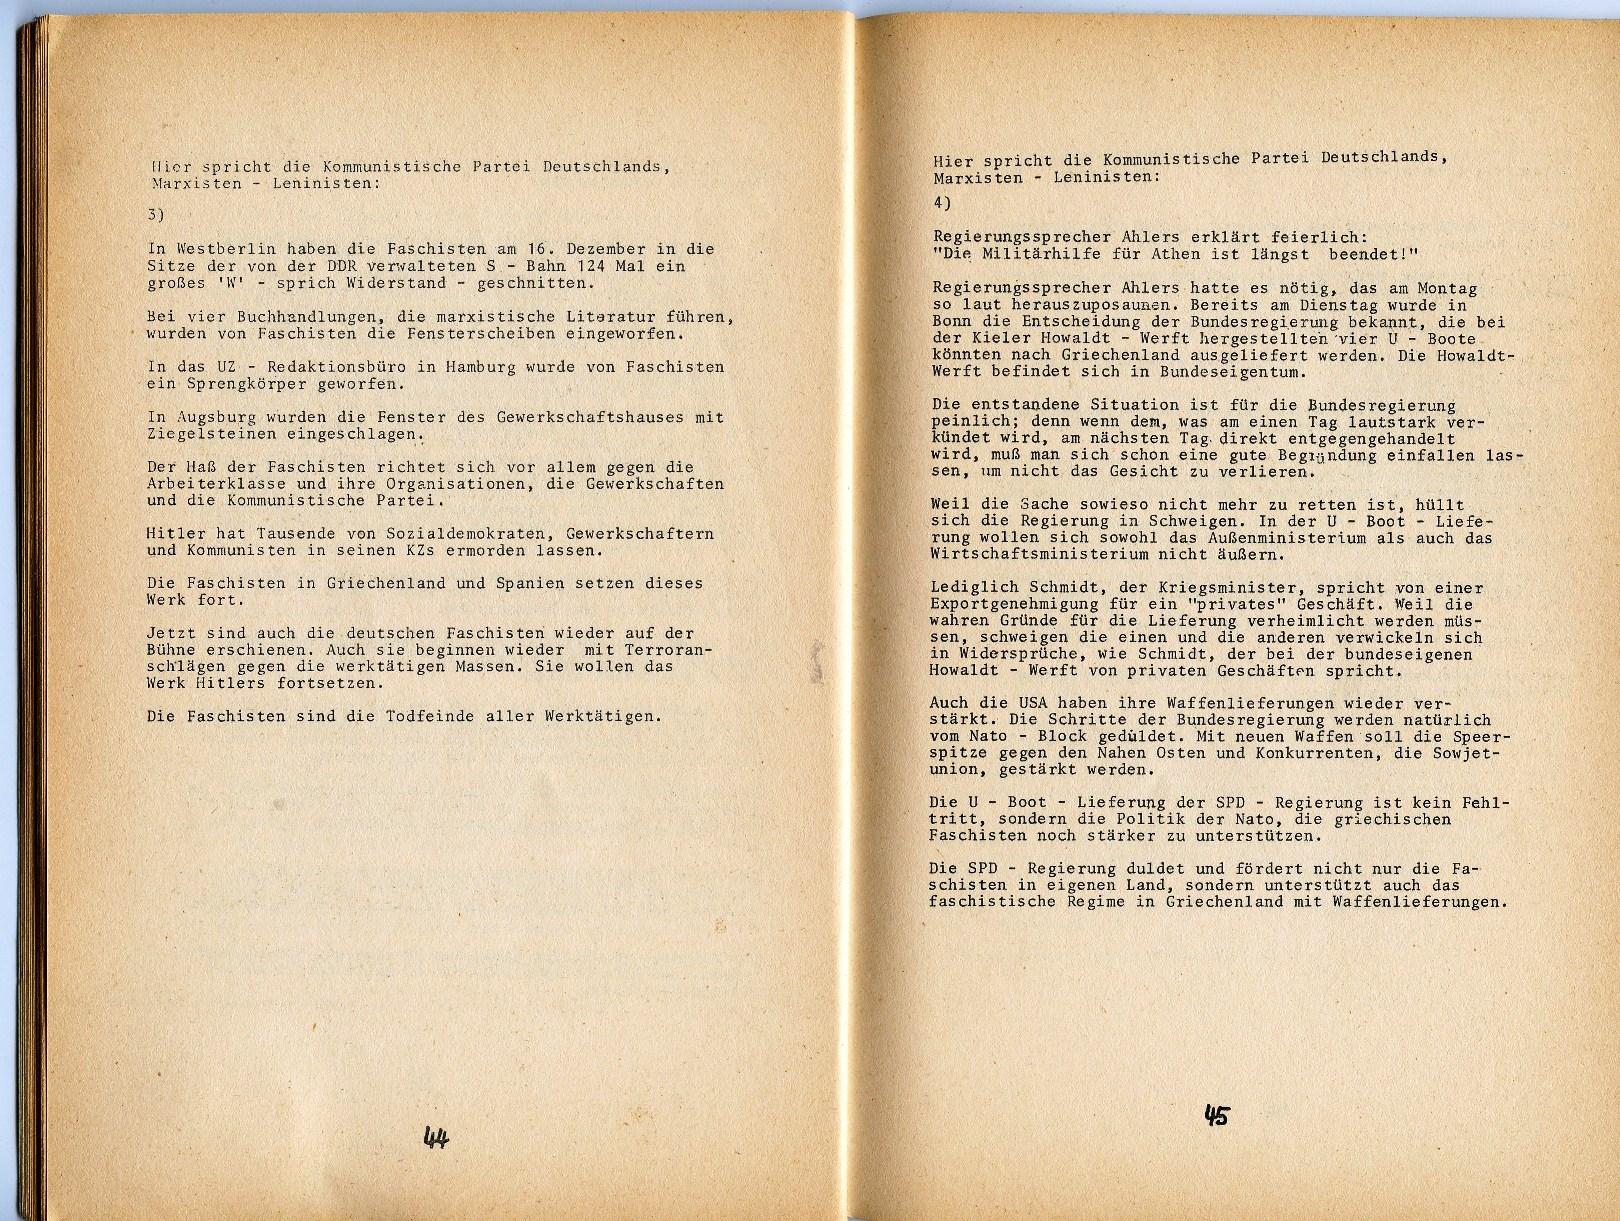 ZB_Parteiarbeiter_1971_Sondernummer_24